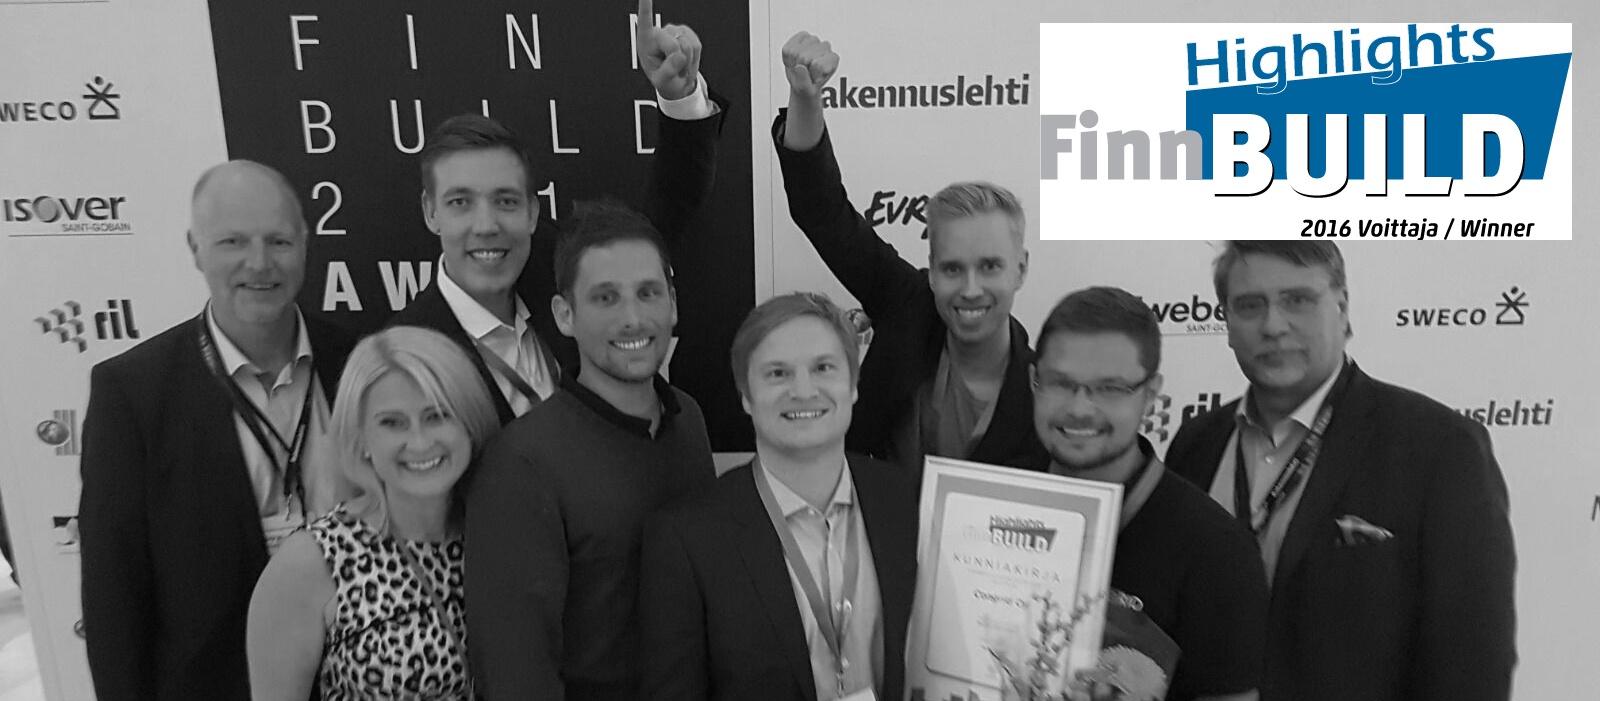 finnbuild_highlights_congrid_winner